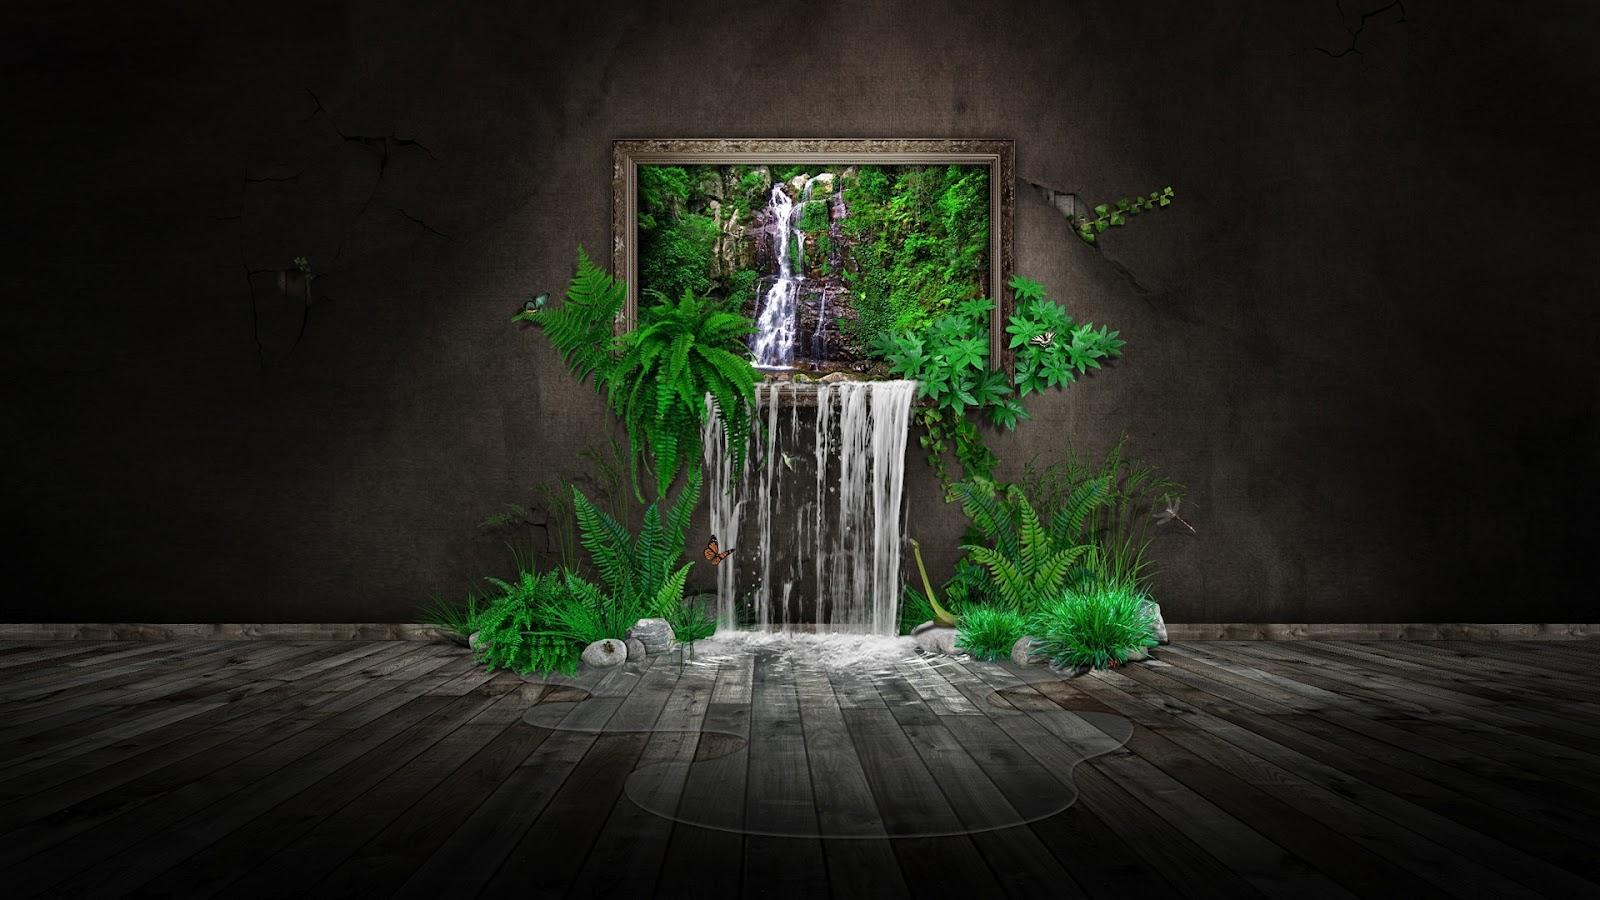 Photo De Couverture Pour Facebook Photo De Couverture Facebook Les Plus Belles Photos De Nature